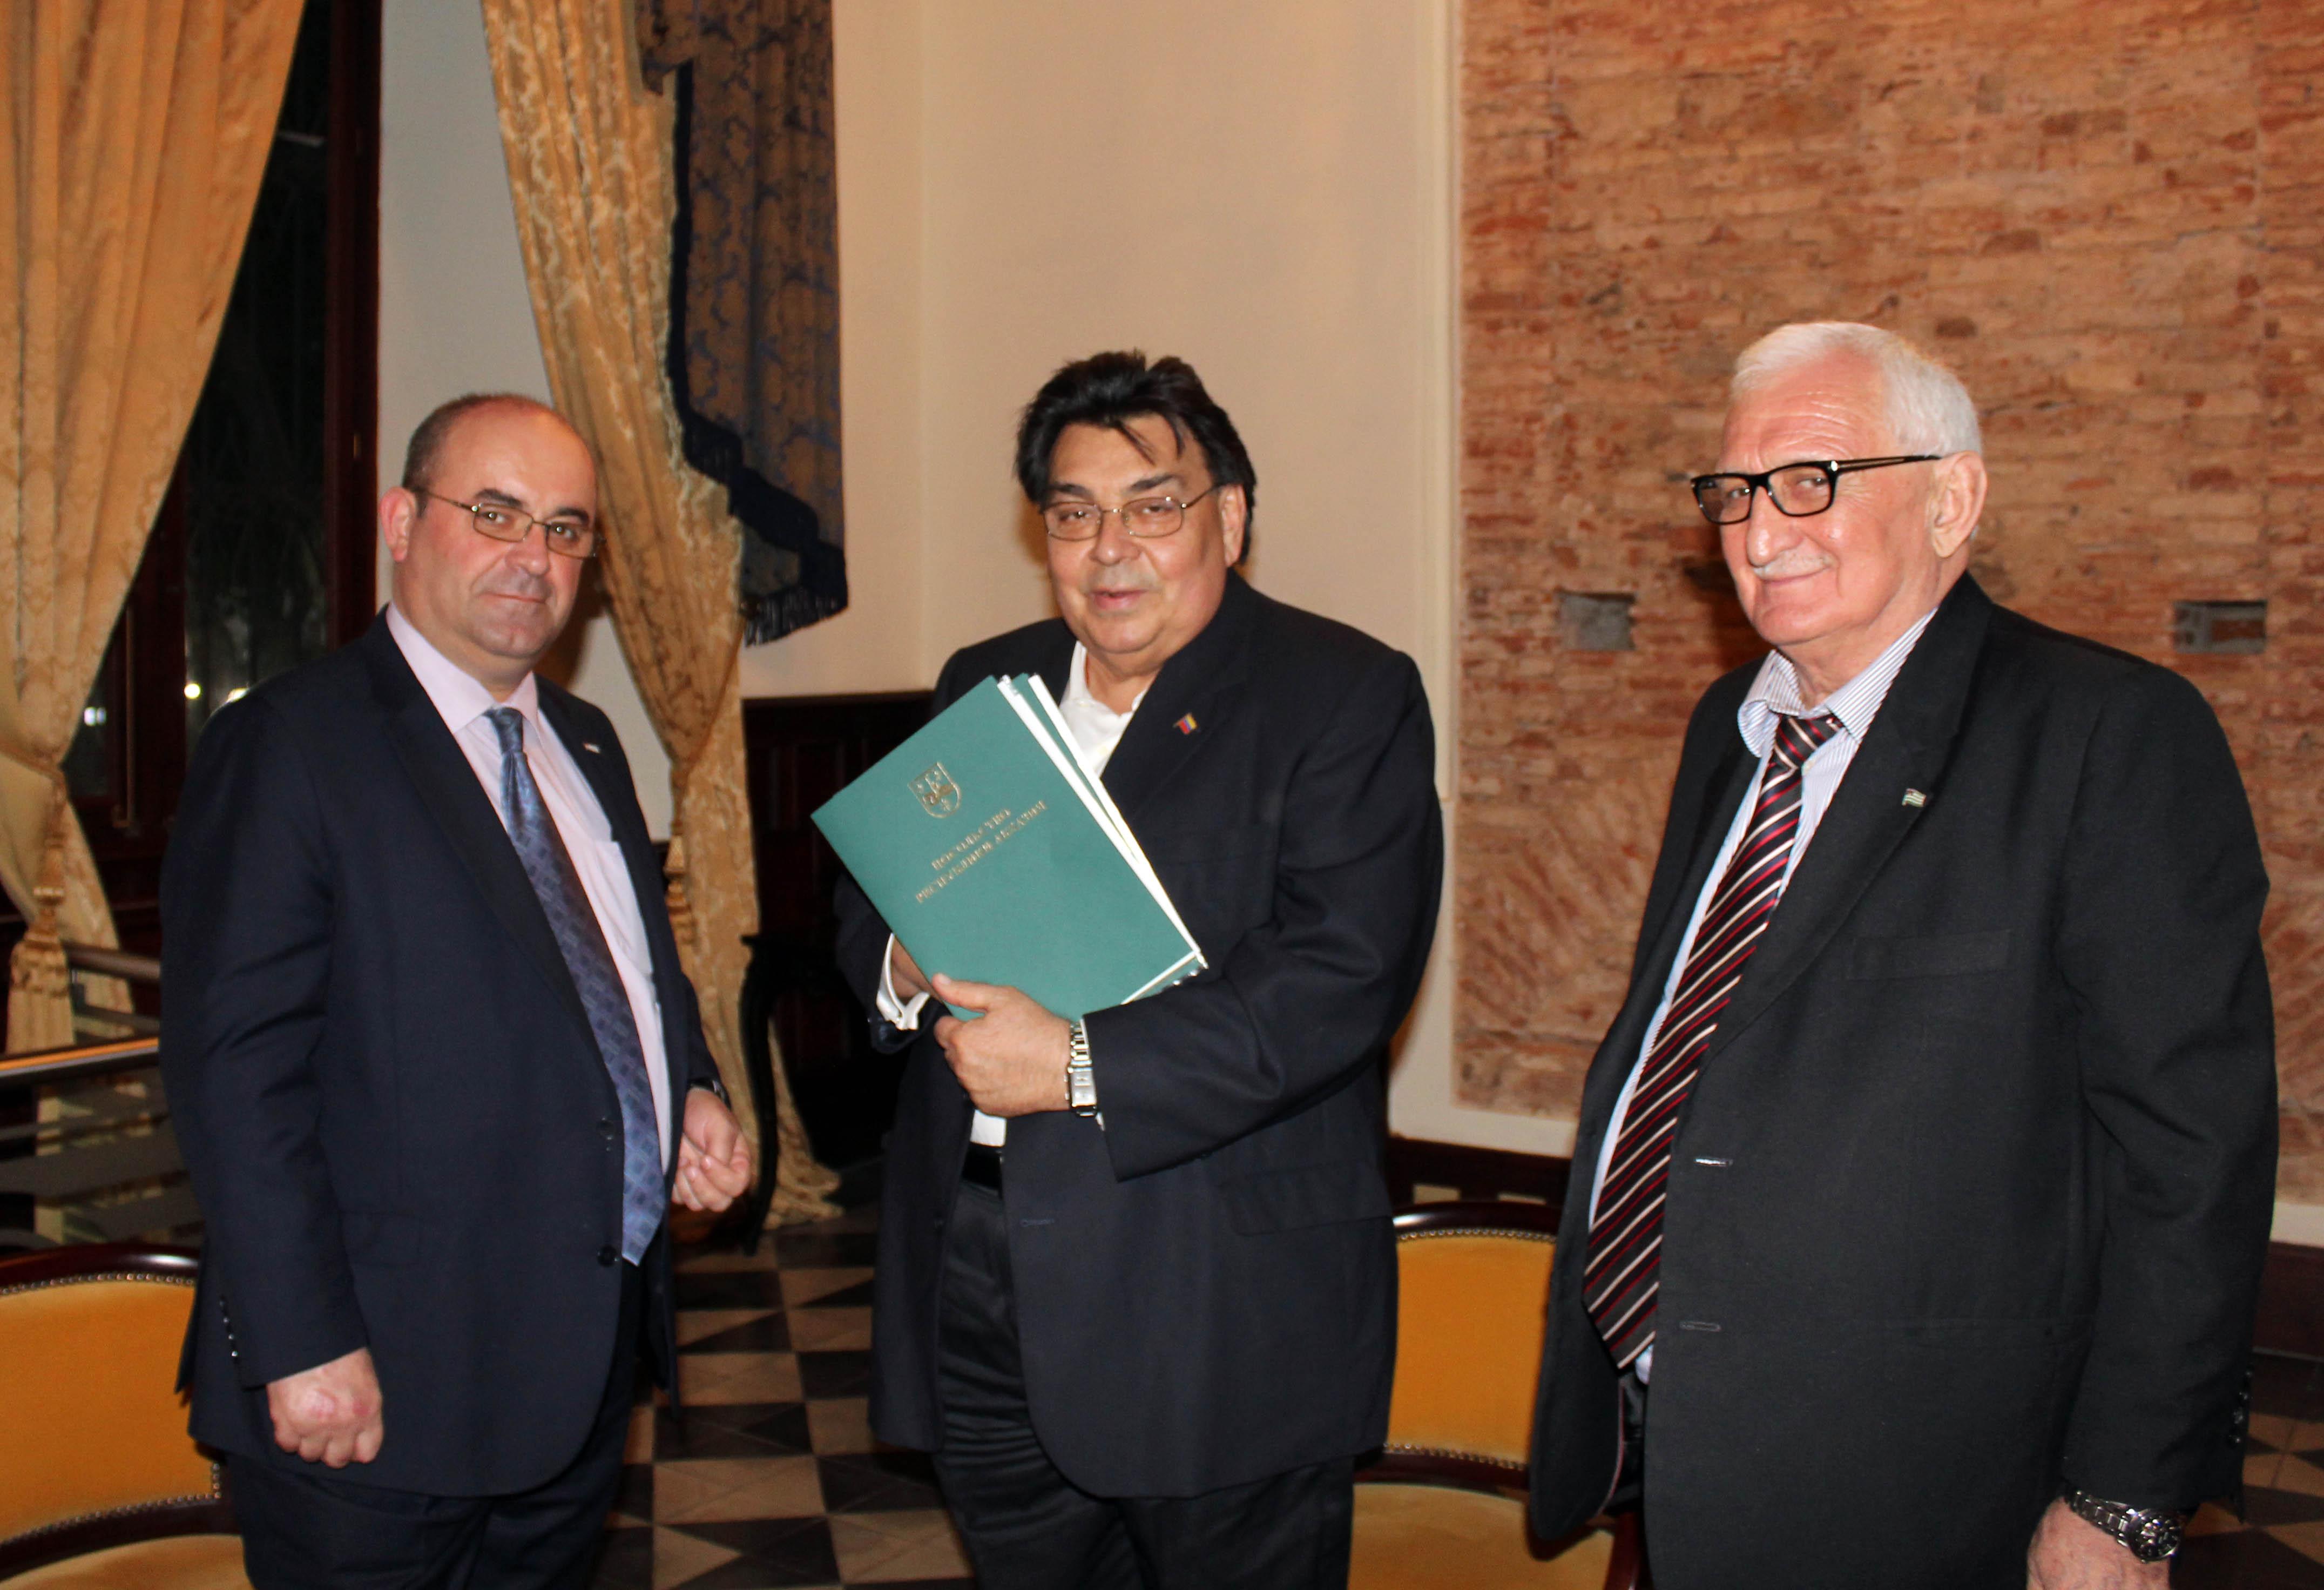 Viceministro de Relaciones Exteriores de la República de Abjasia Oleg Arshba, Viceministro de Relaciones Exteriores de la República Bolivariana de Venezuela, Calixto Ortega, Extraordinario y Plenipotenciario Embajador de la República de  Abjasia en la República Bolivariana de Venezuela